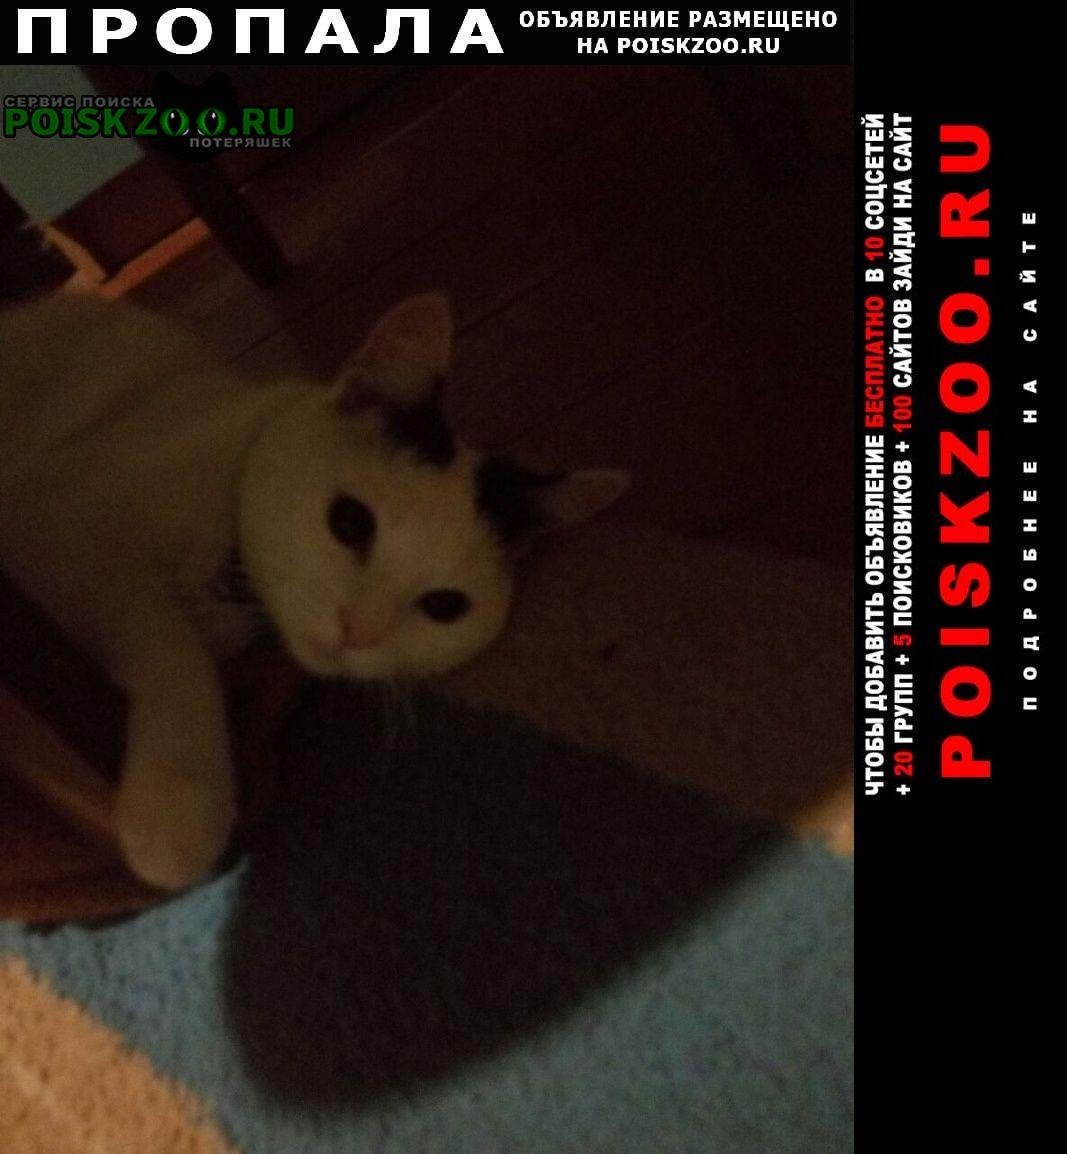 Пропала кошка по кличке муся Ужгород